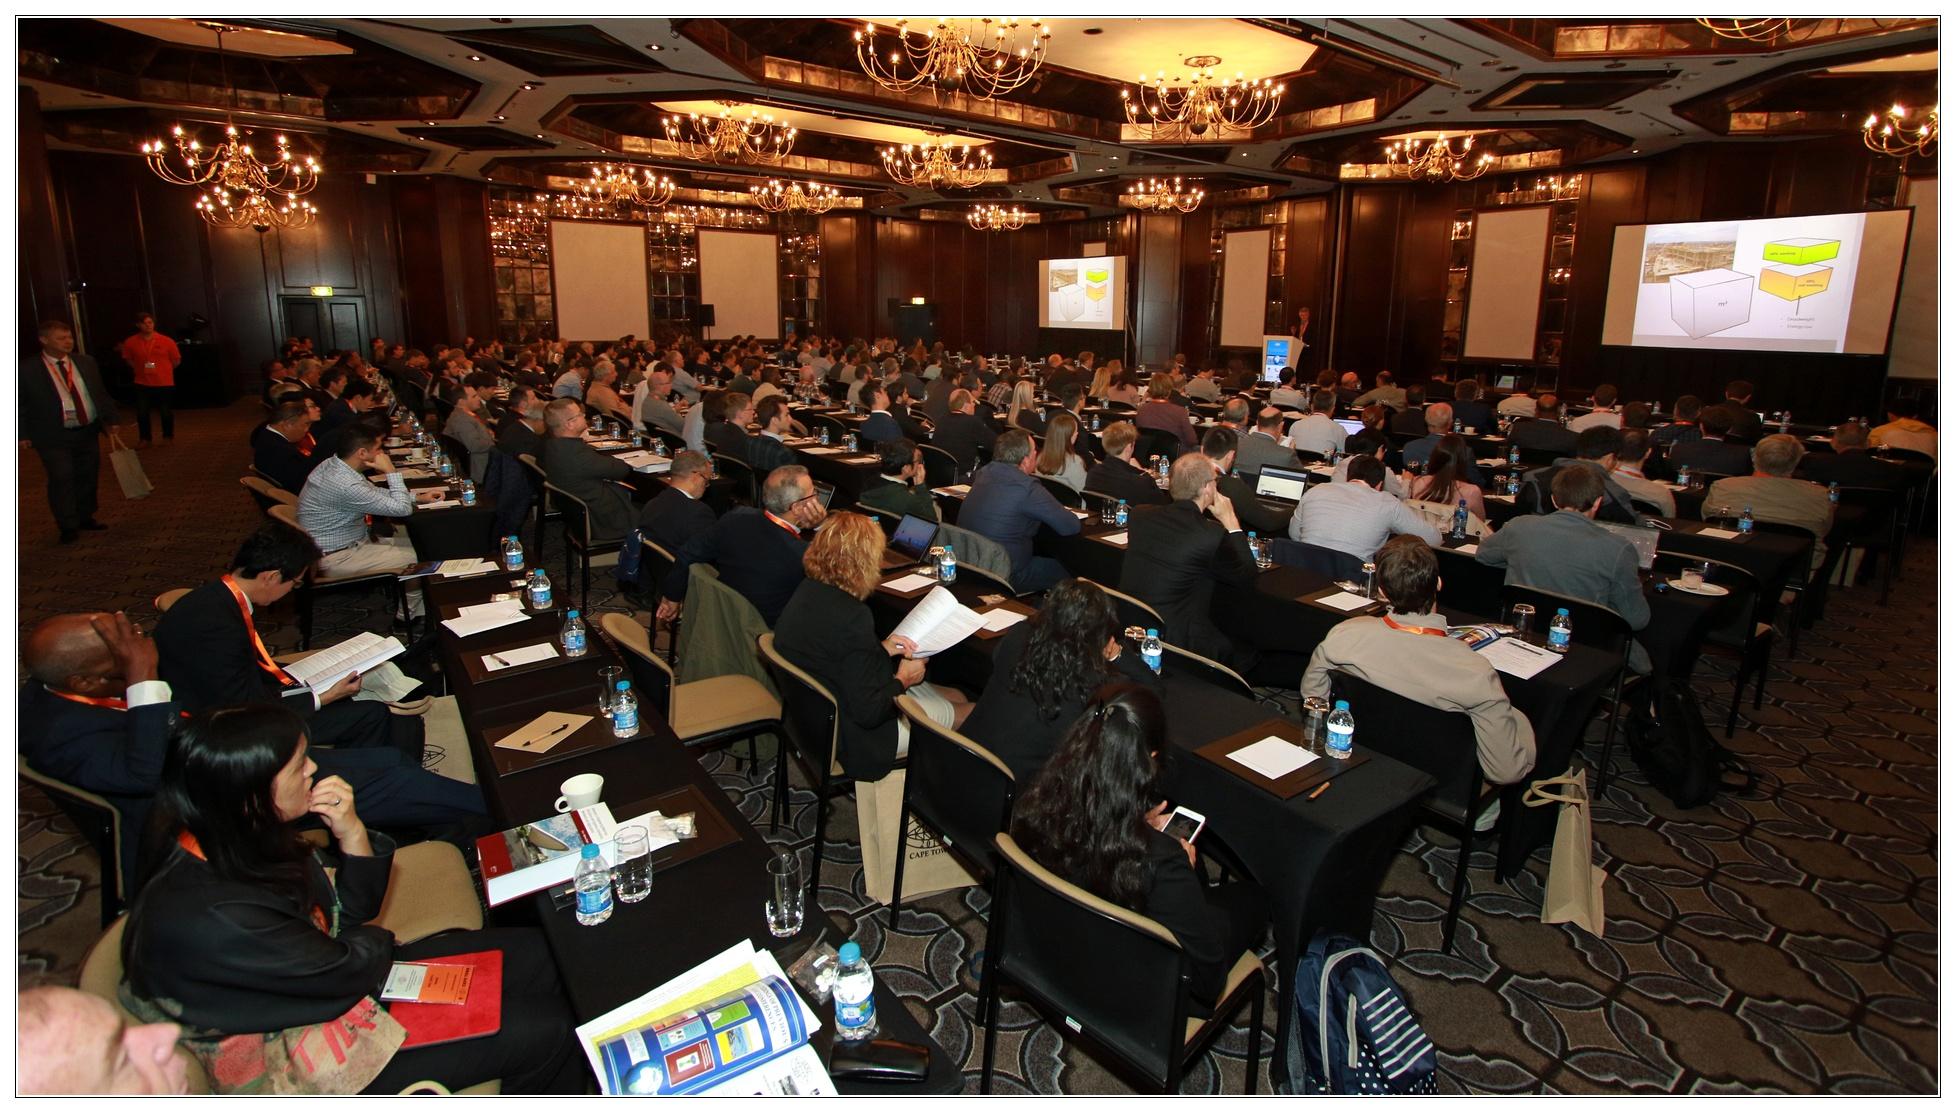 SEMC Plenary Lecture.jpg